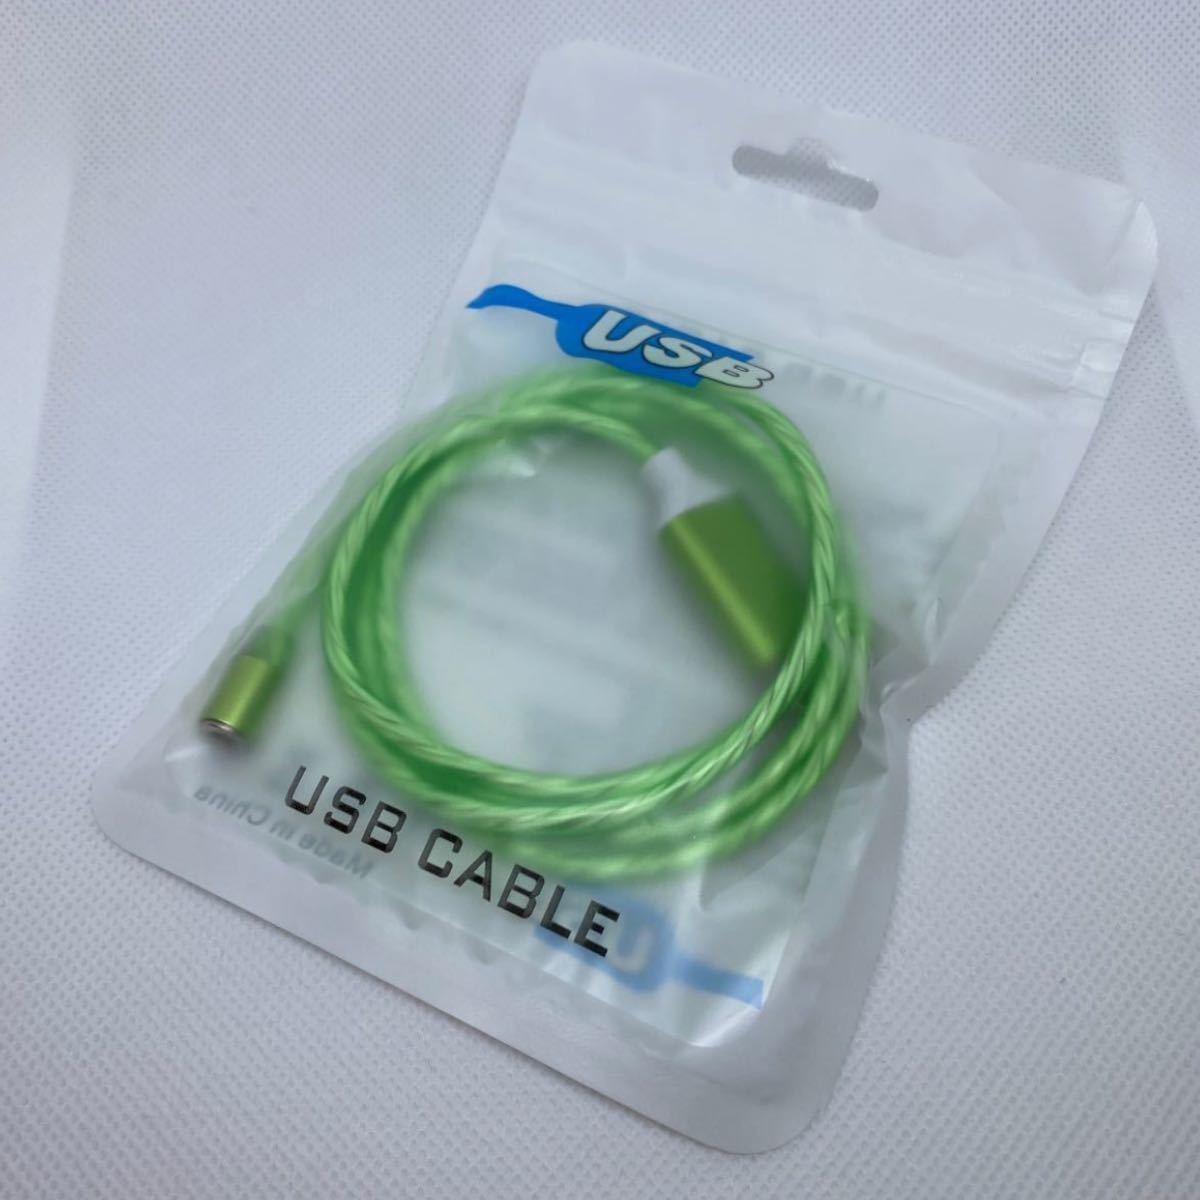 マグネット 光る充電 ケーブル 1M iPhone 急速充電 断線防止磁石式 アイフォンケーブル